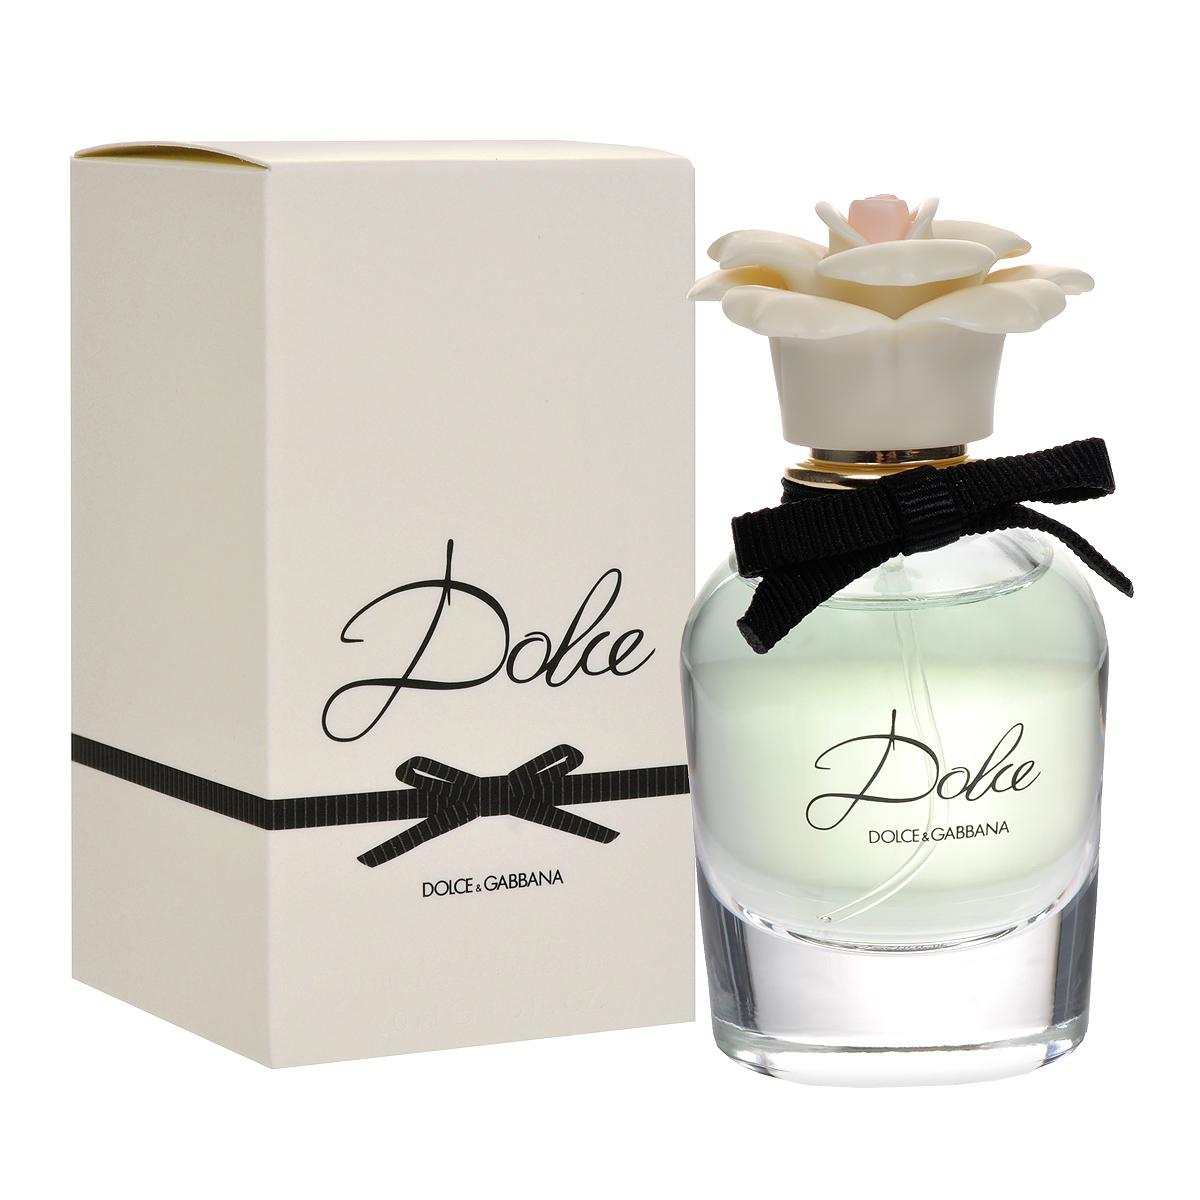 Dolce&Gabbana Парфюмерная вода Dolce, женская, 75 мл0737052746937Нежный и элегантный Dolce&Gabbana Dolce подобен изысканному и неповторимому дизайнерскому наряду, в котором каждая деталь, каждая мелочь точно выверены и идеально выполнены. В композиции аромата каждая нота звучит ярко и красиво, и вместе с тем не нарушает общей гармонии, безупречно сочетаясь с окружающими ее аккордами. Dolce&Gabbana Dolce – гимн женственности и изящности. Покоряющий плавностью своих линий флакон выполнен из прозрачного стекла и увенчан стильным «марципановым цветком» – визитной карточкой лучших сицилийских кондитеров. Аромат открывается свежестью нероли и цветов папайи. Средние ноты состоят из белых амариллис, нарцисса и белой лилии. База обволакивает кашемиром и мускусом, дающими ощущение мягкости. Классификация аромата: цветочный. Товар сертифицирован.